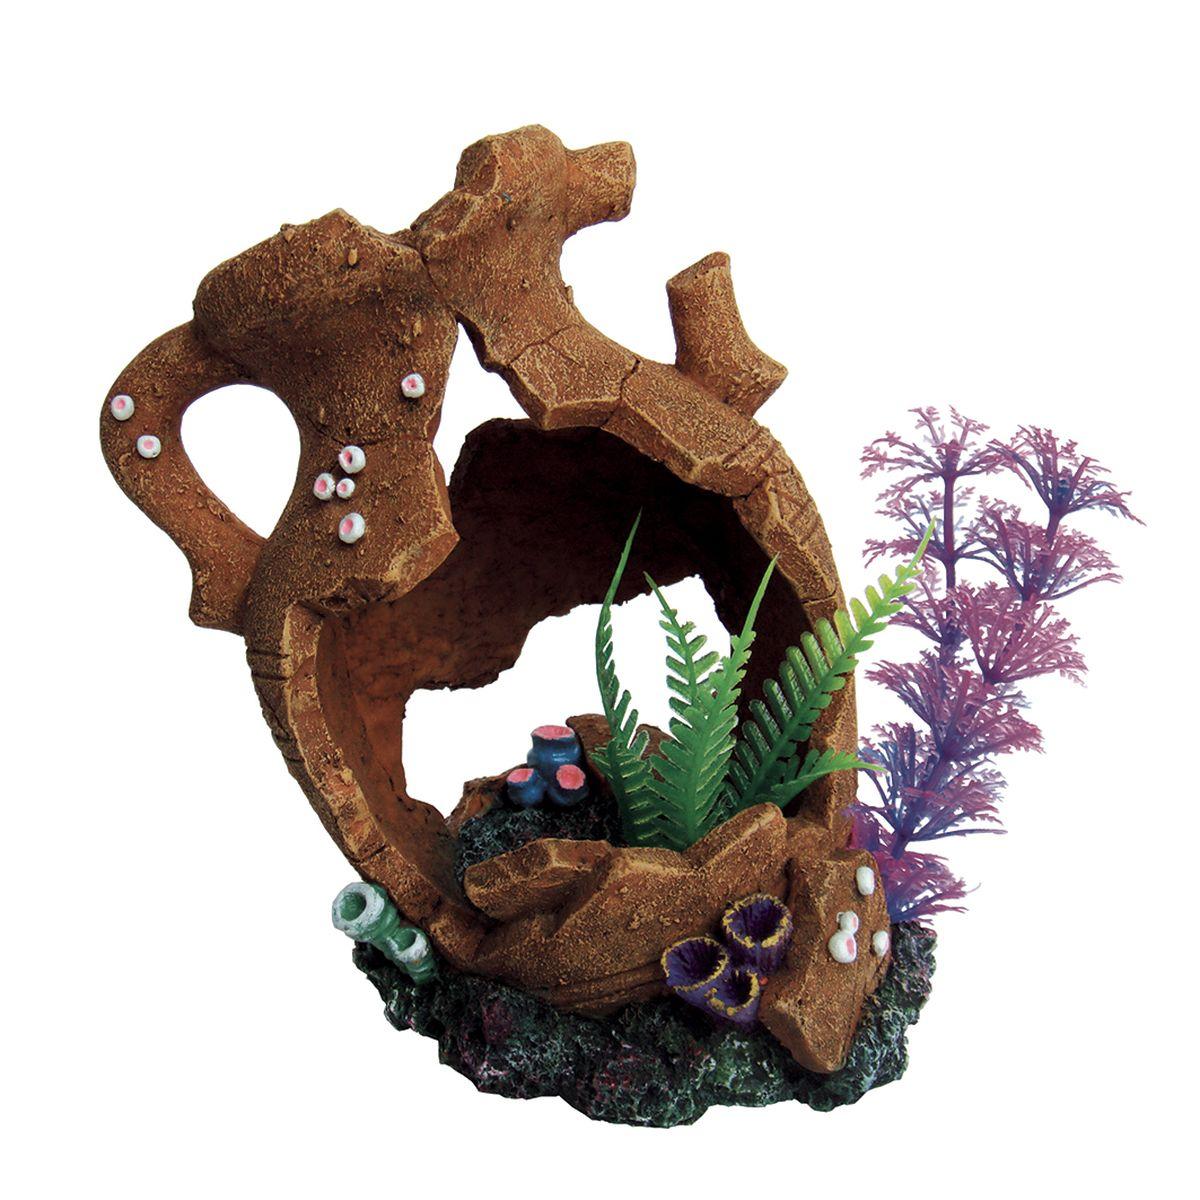 Декорация для аквариума ArtUniq Разбитый кувшин с растениями, 18,5 x 10,5 x 15,5 см0120710Декорация для аквариума ArtUniq Разбитый кувшин с растениями, 18,5 x 10,5 x 15,5 см